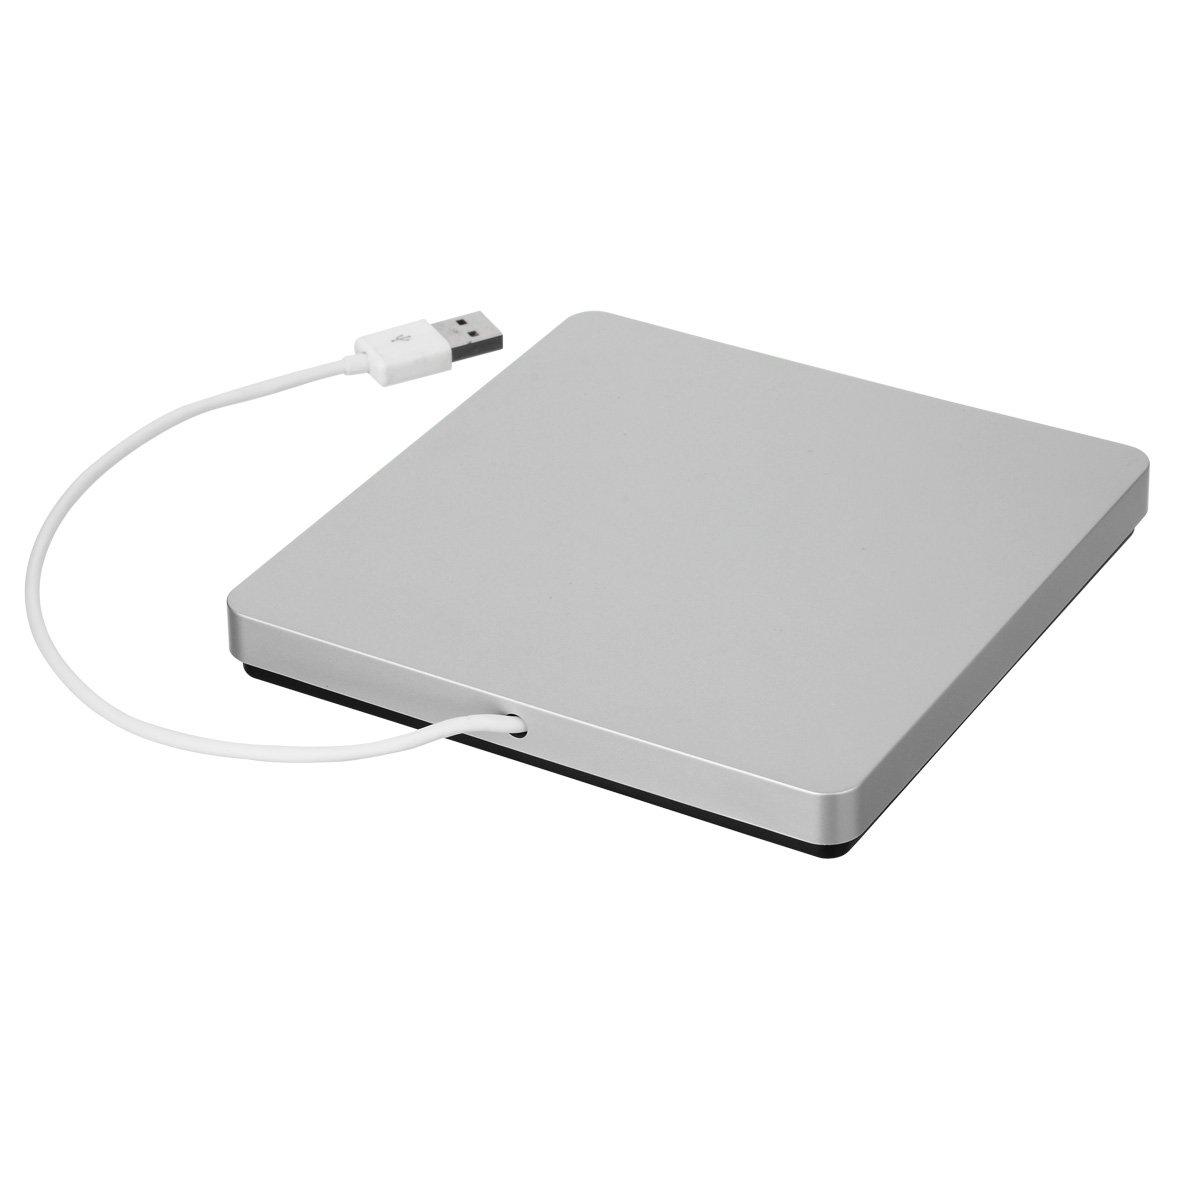 SYMTOP Estuche Carcasa USB 2.0 para grabadora Ranura Externa Ultra ...